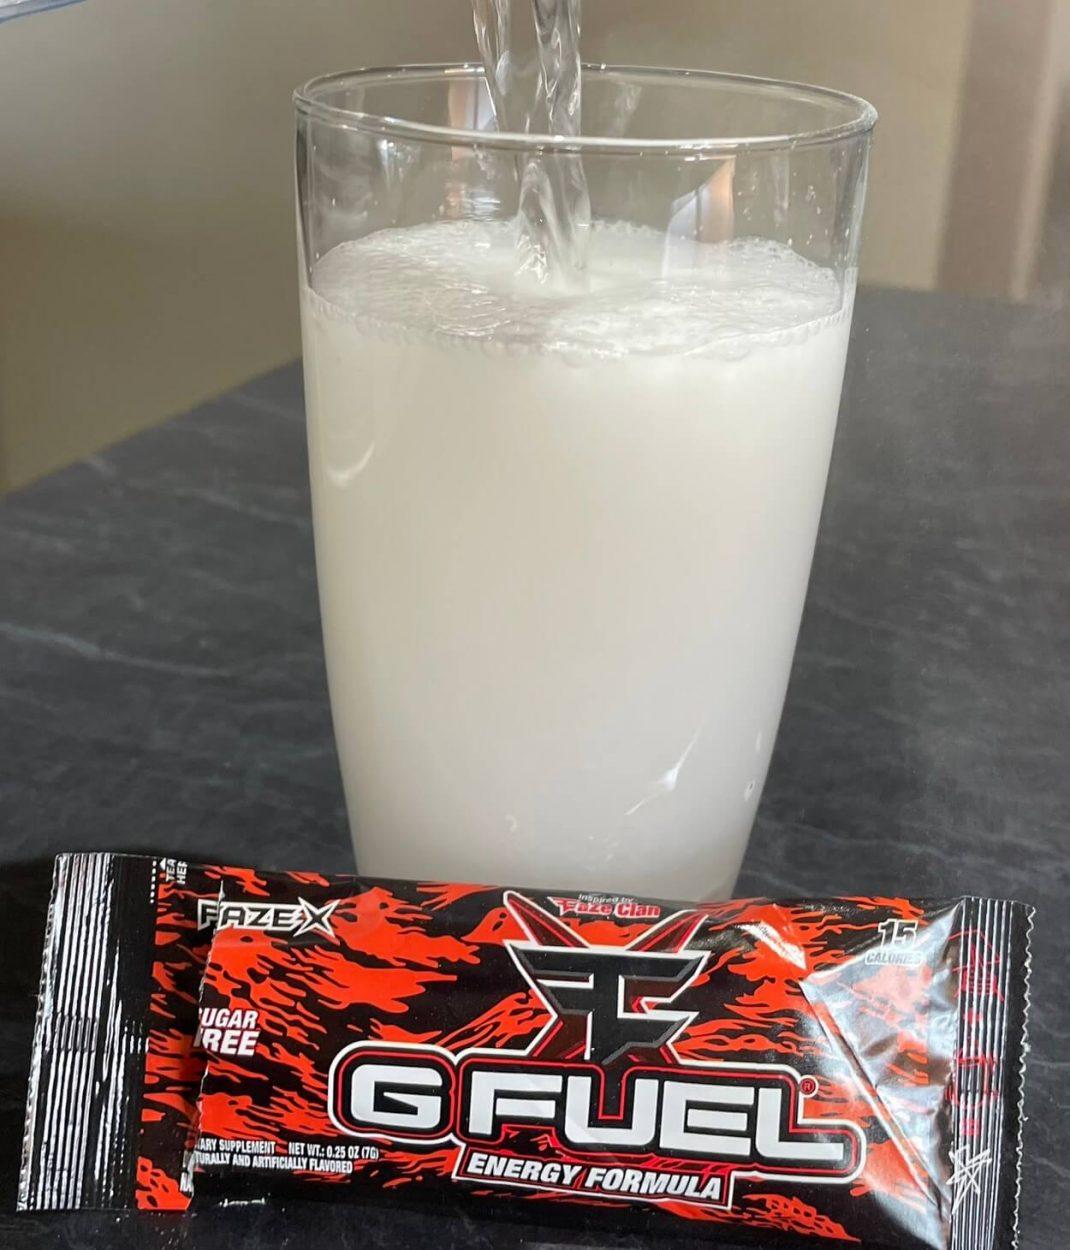 Faze flavor G Fuel powder